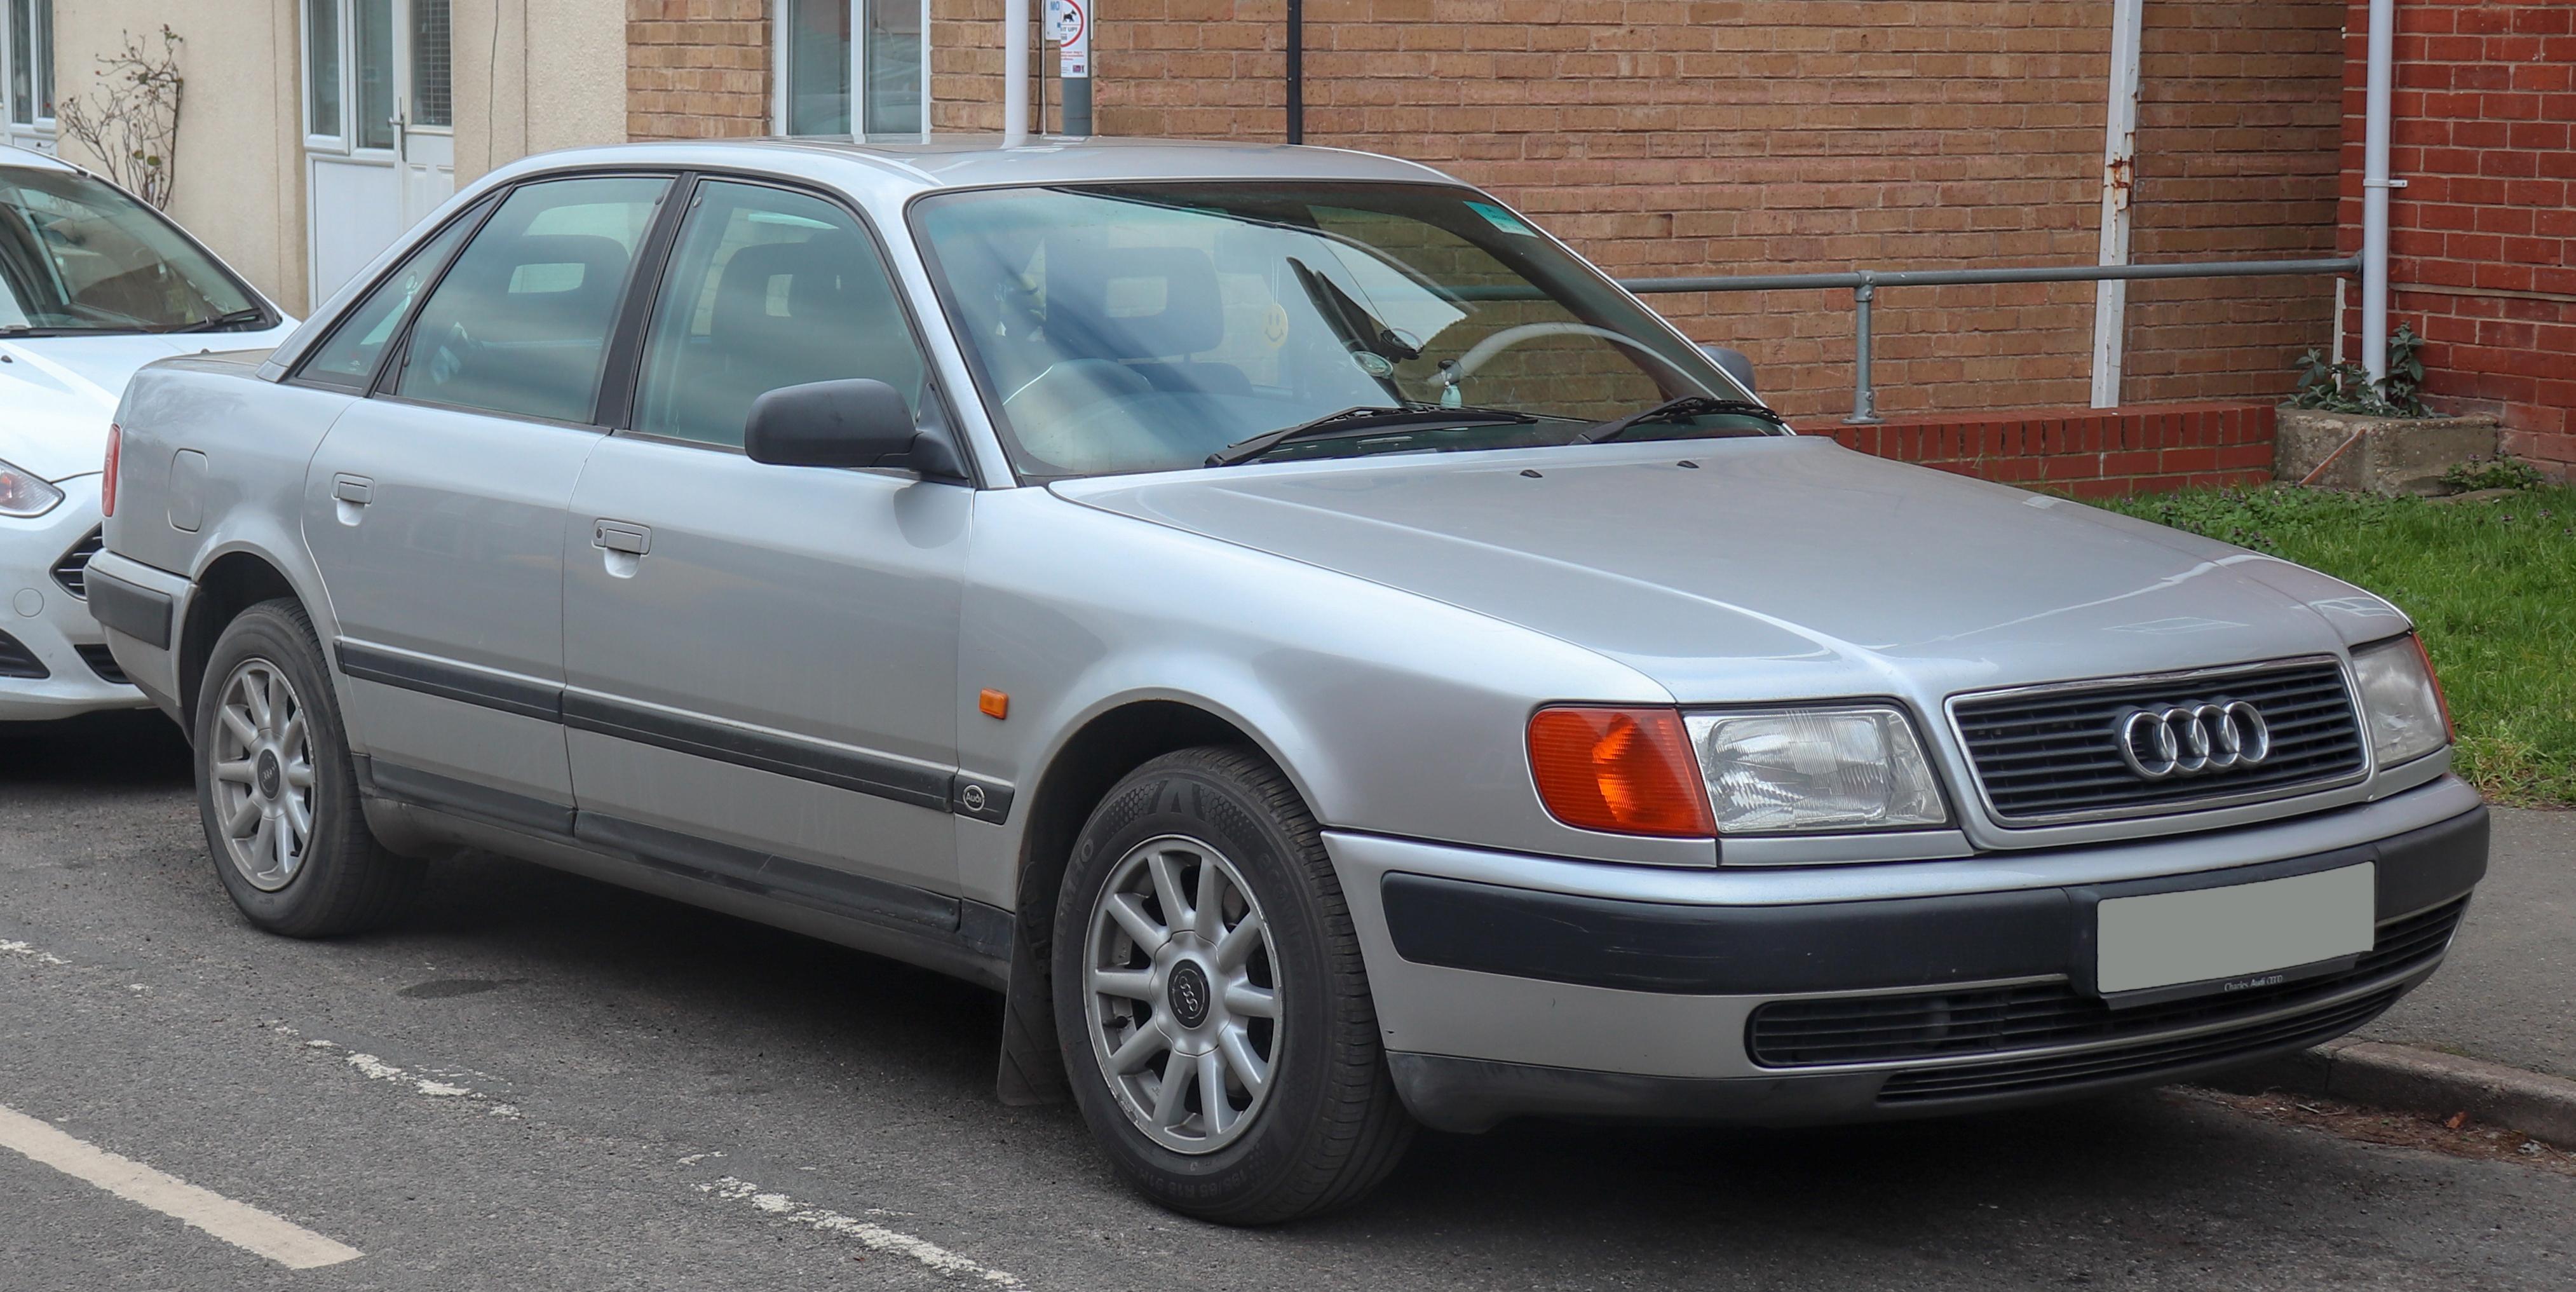 Audi 100 - WikipediaWikipedia